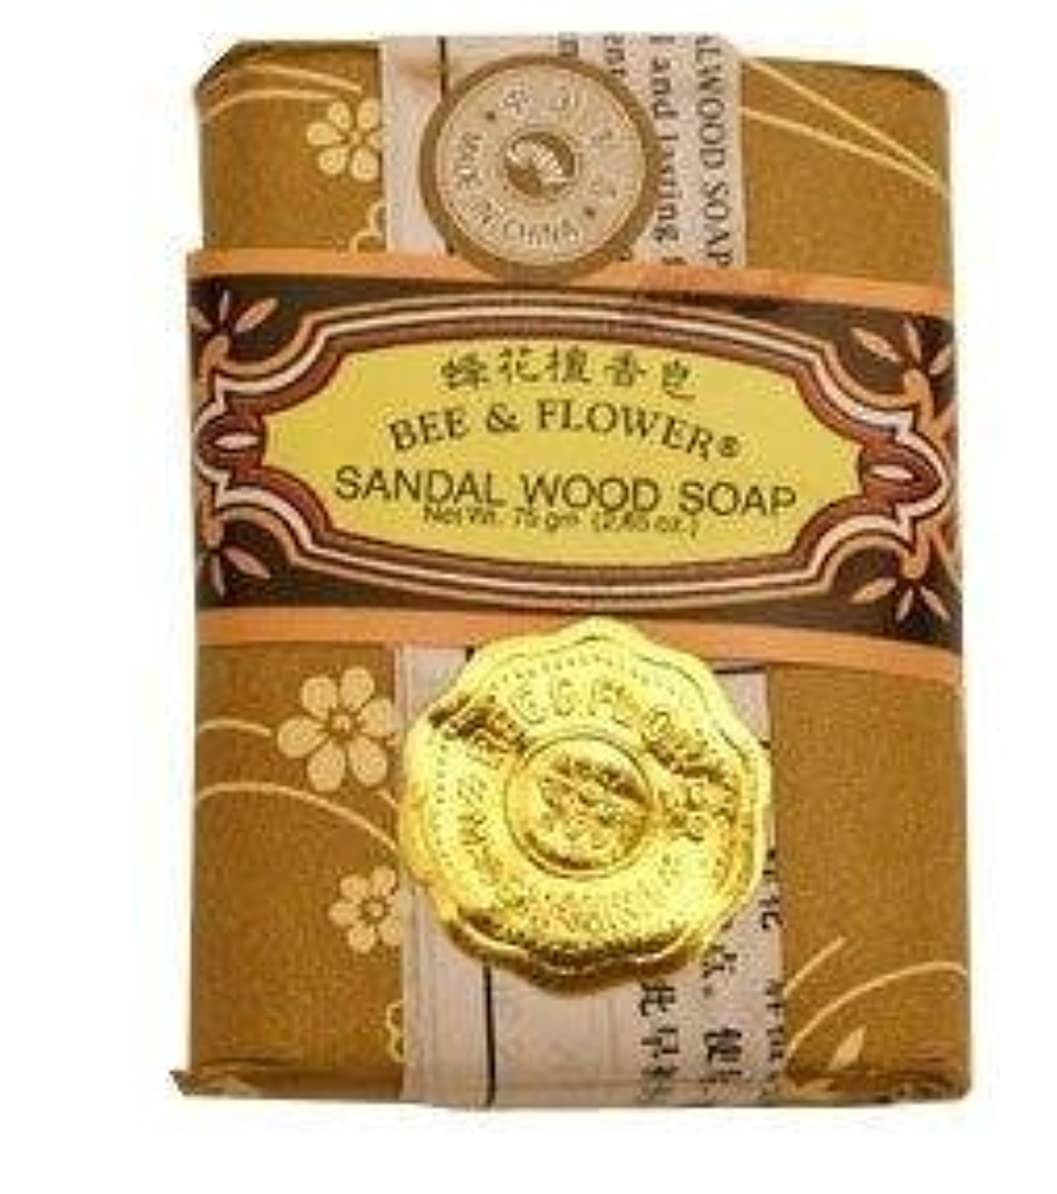 年金受給者プロット批判的Bee And Flower Sandal Wood Bar Soap 2.65 Ounce - 12 per case. [並行輸入品]